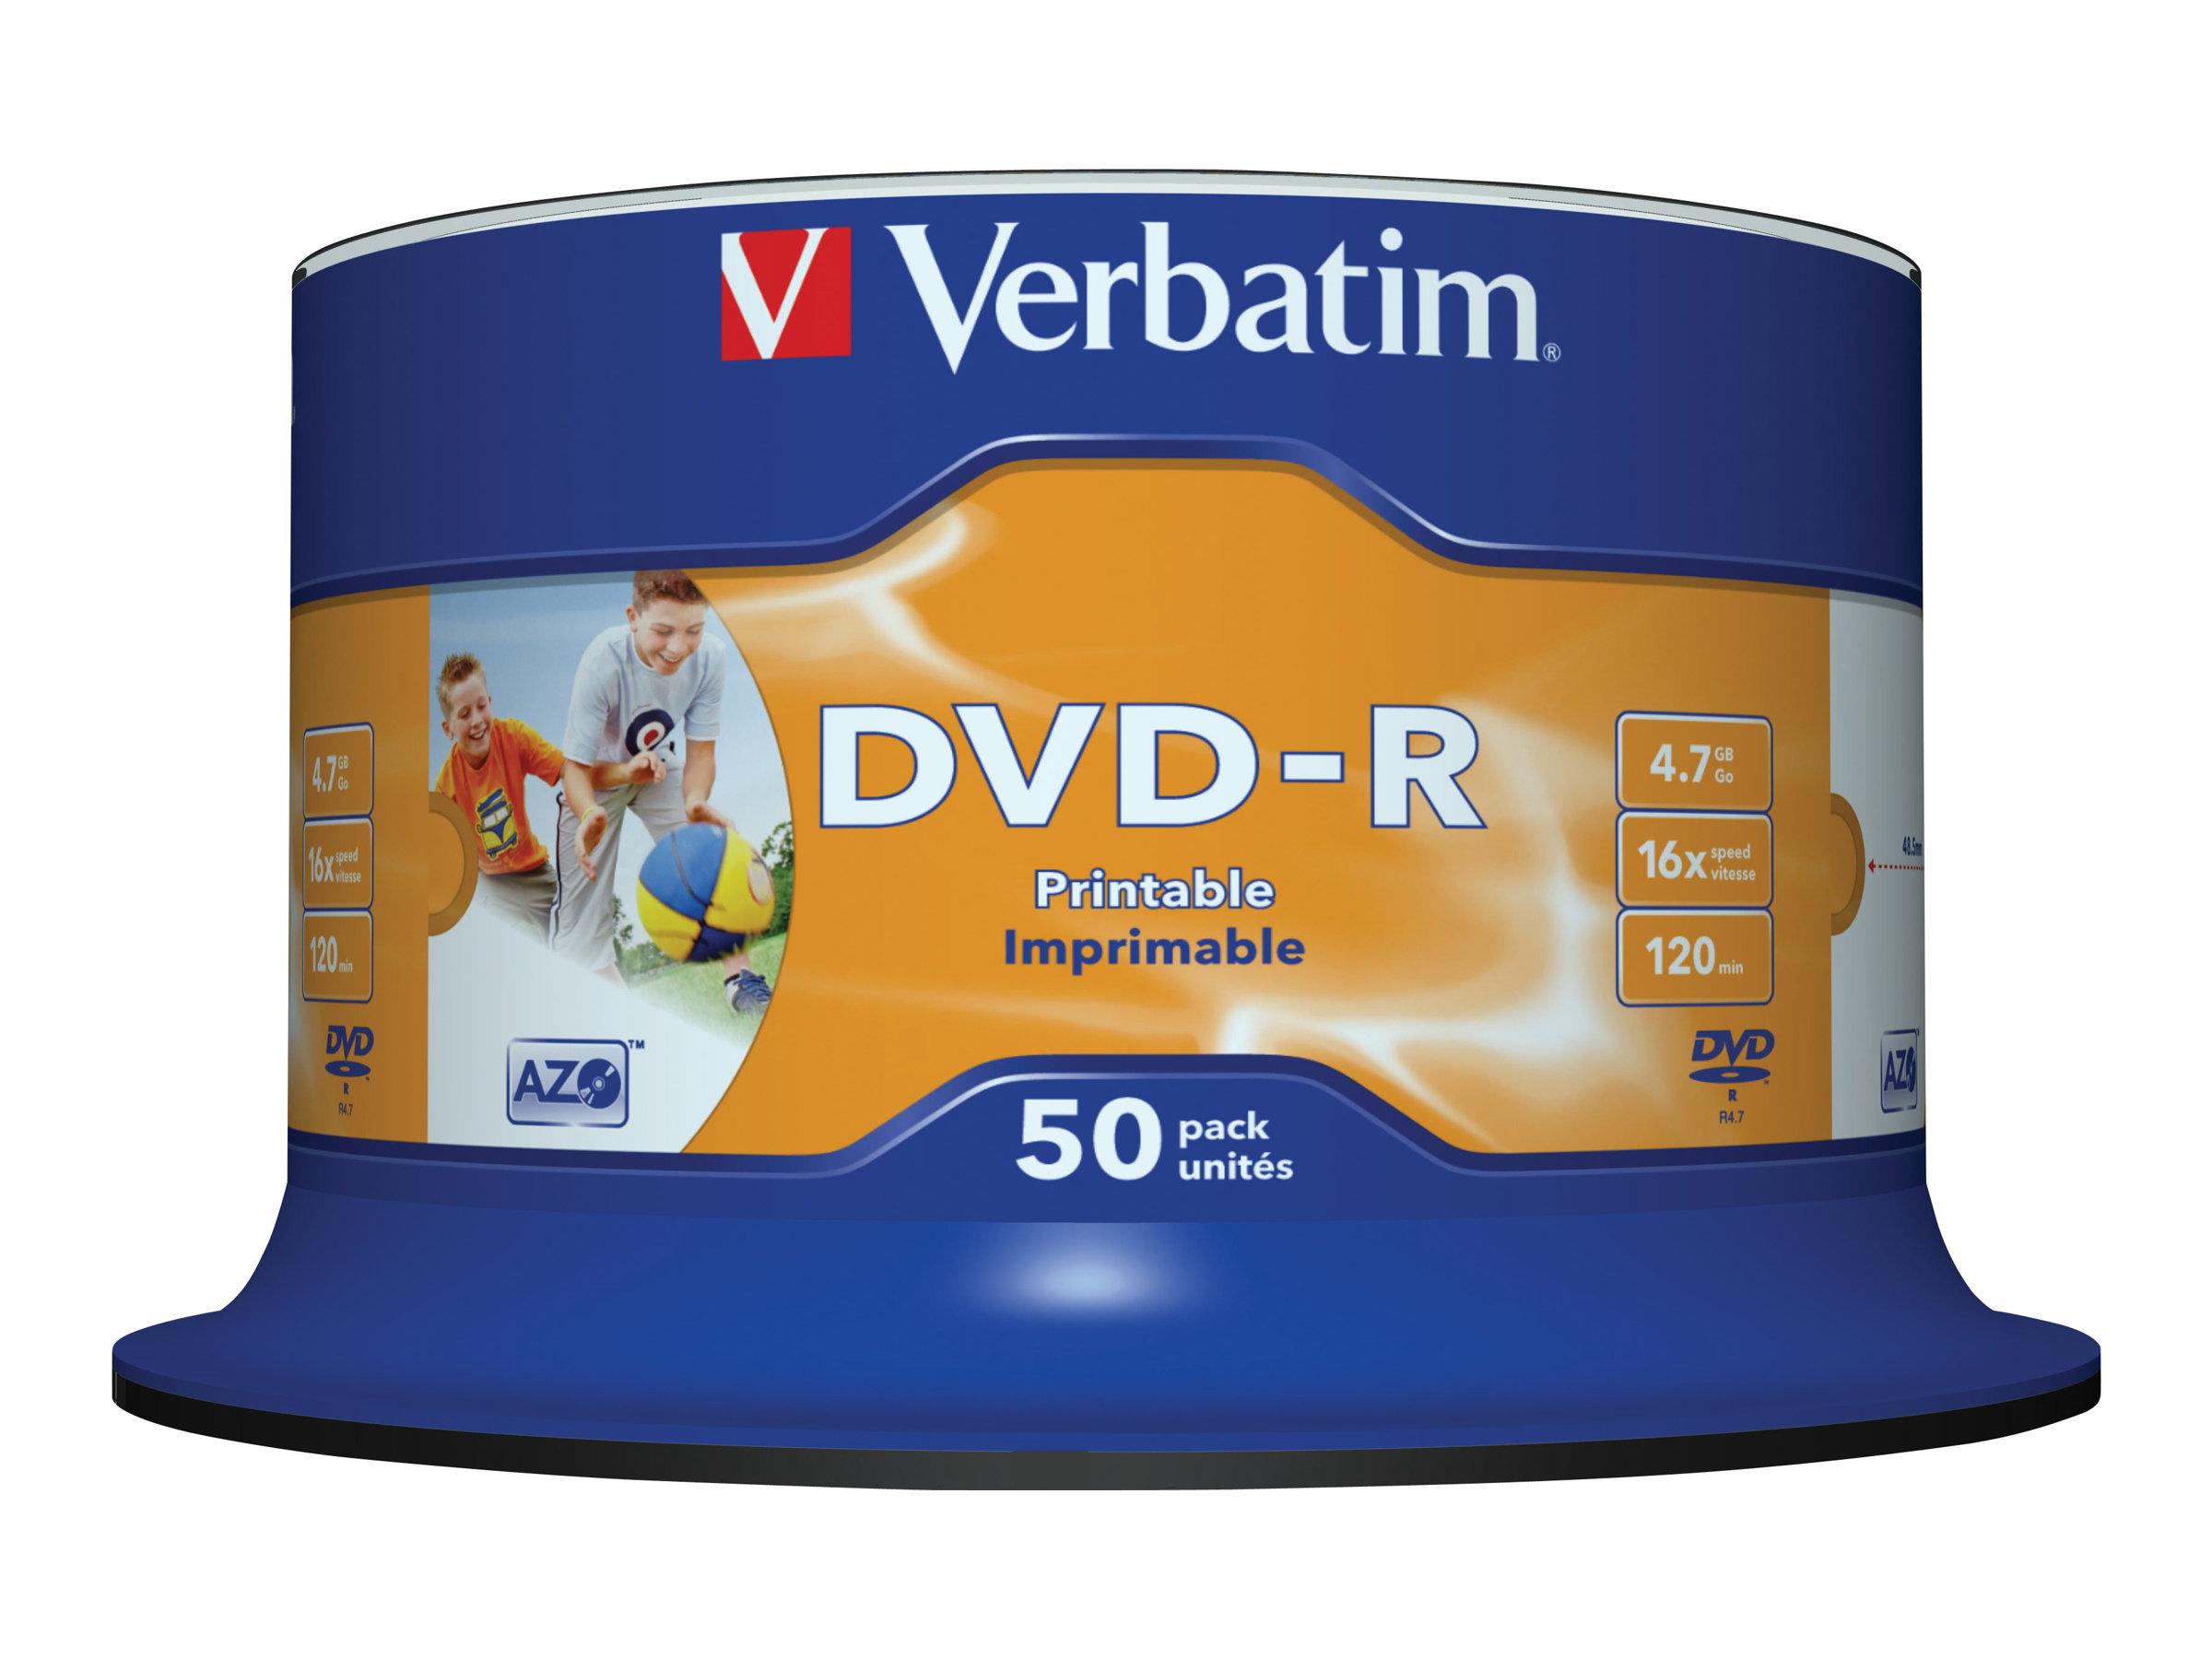 Verbatim 50 x DVD-R - 4.7 GB 16x - breite bedruckbare Fläche für Fotos